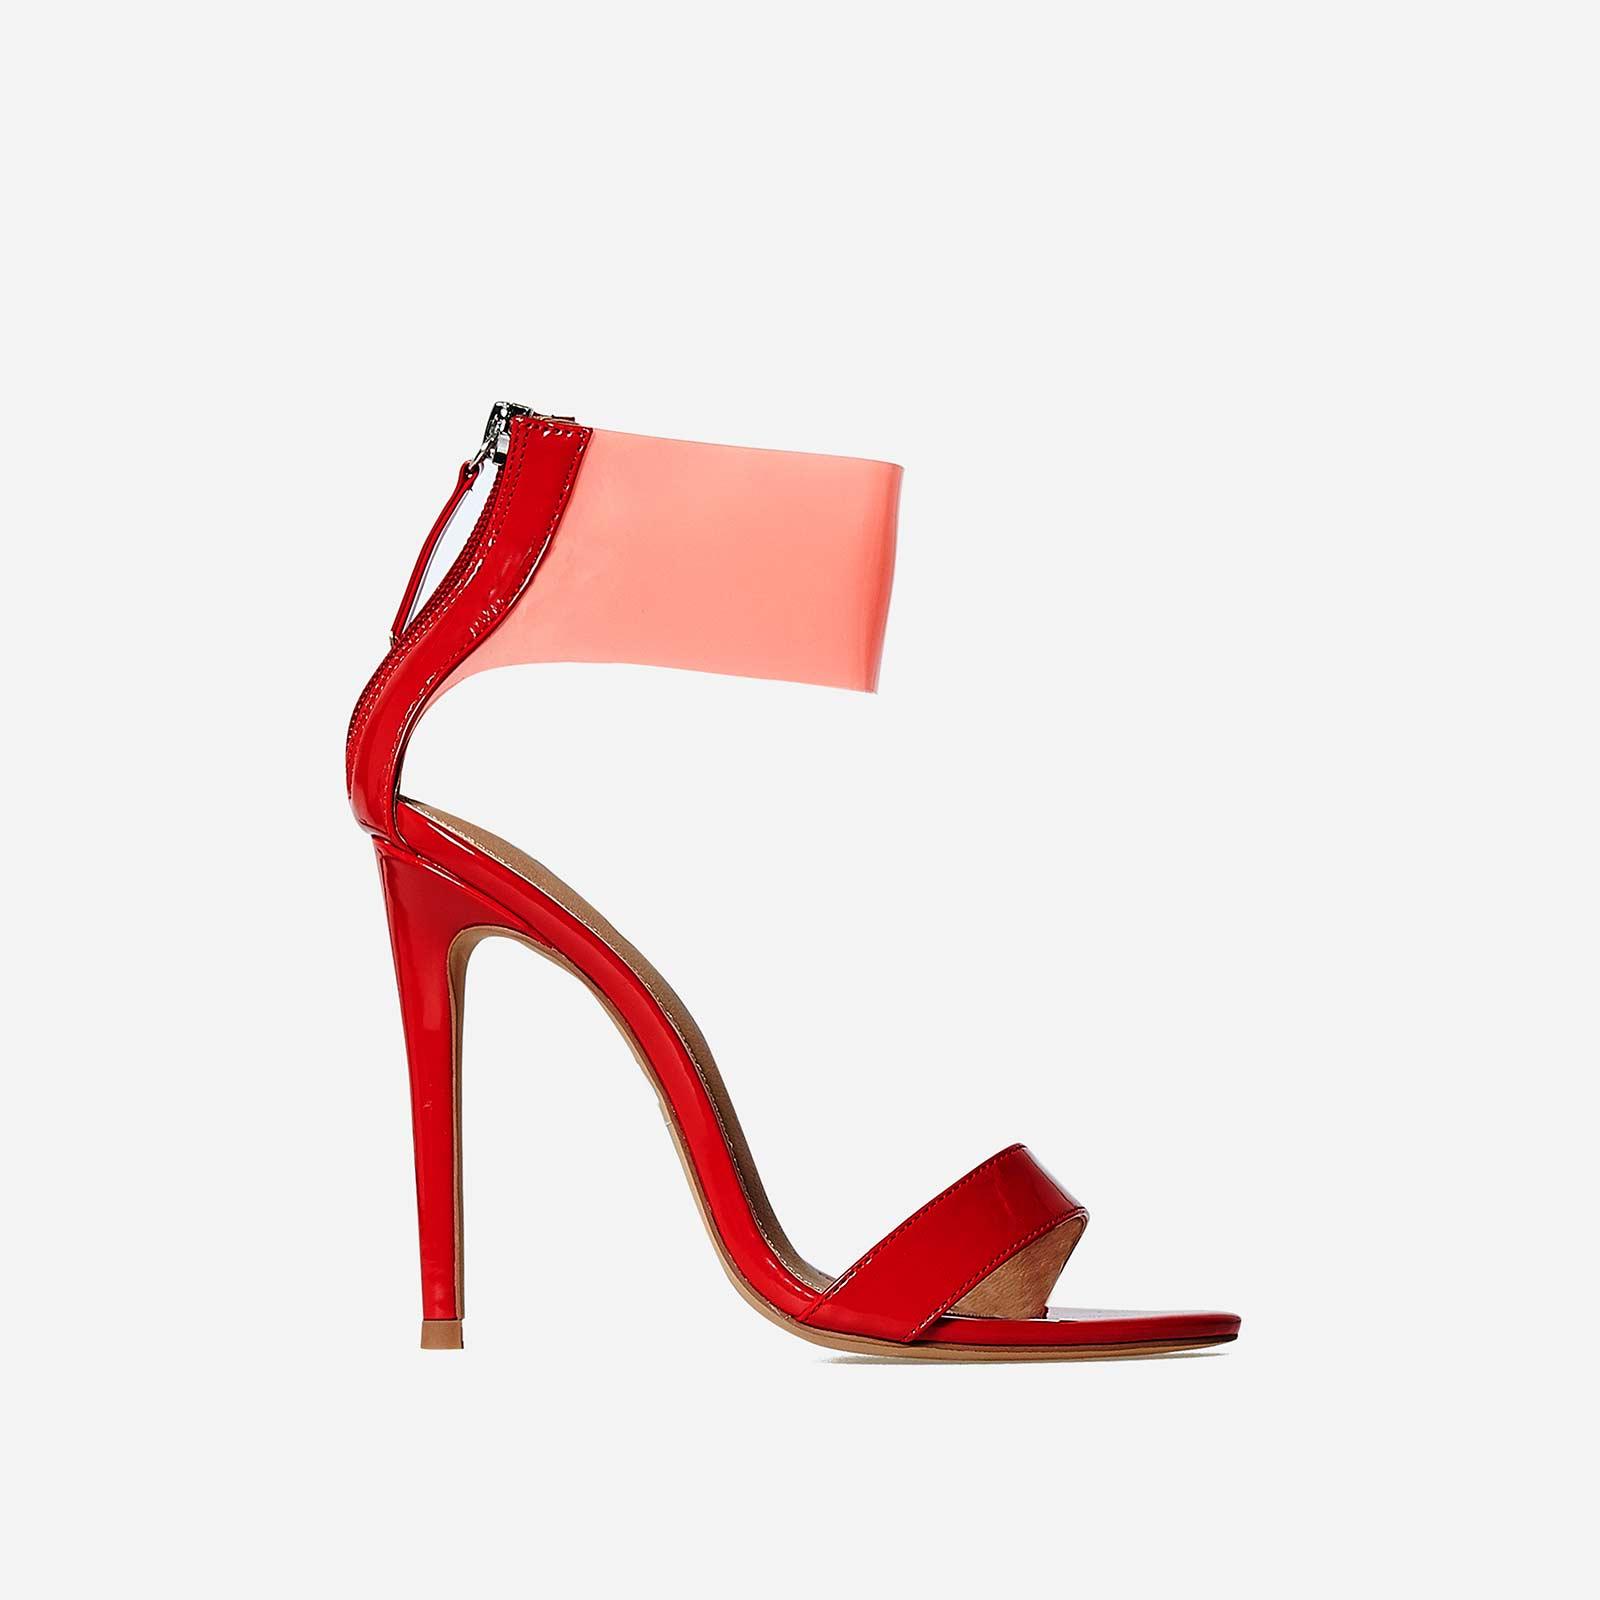 Britt Perspex Cuff Heel In Red Patent